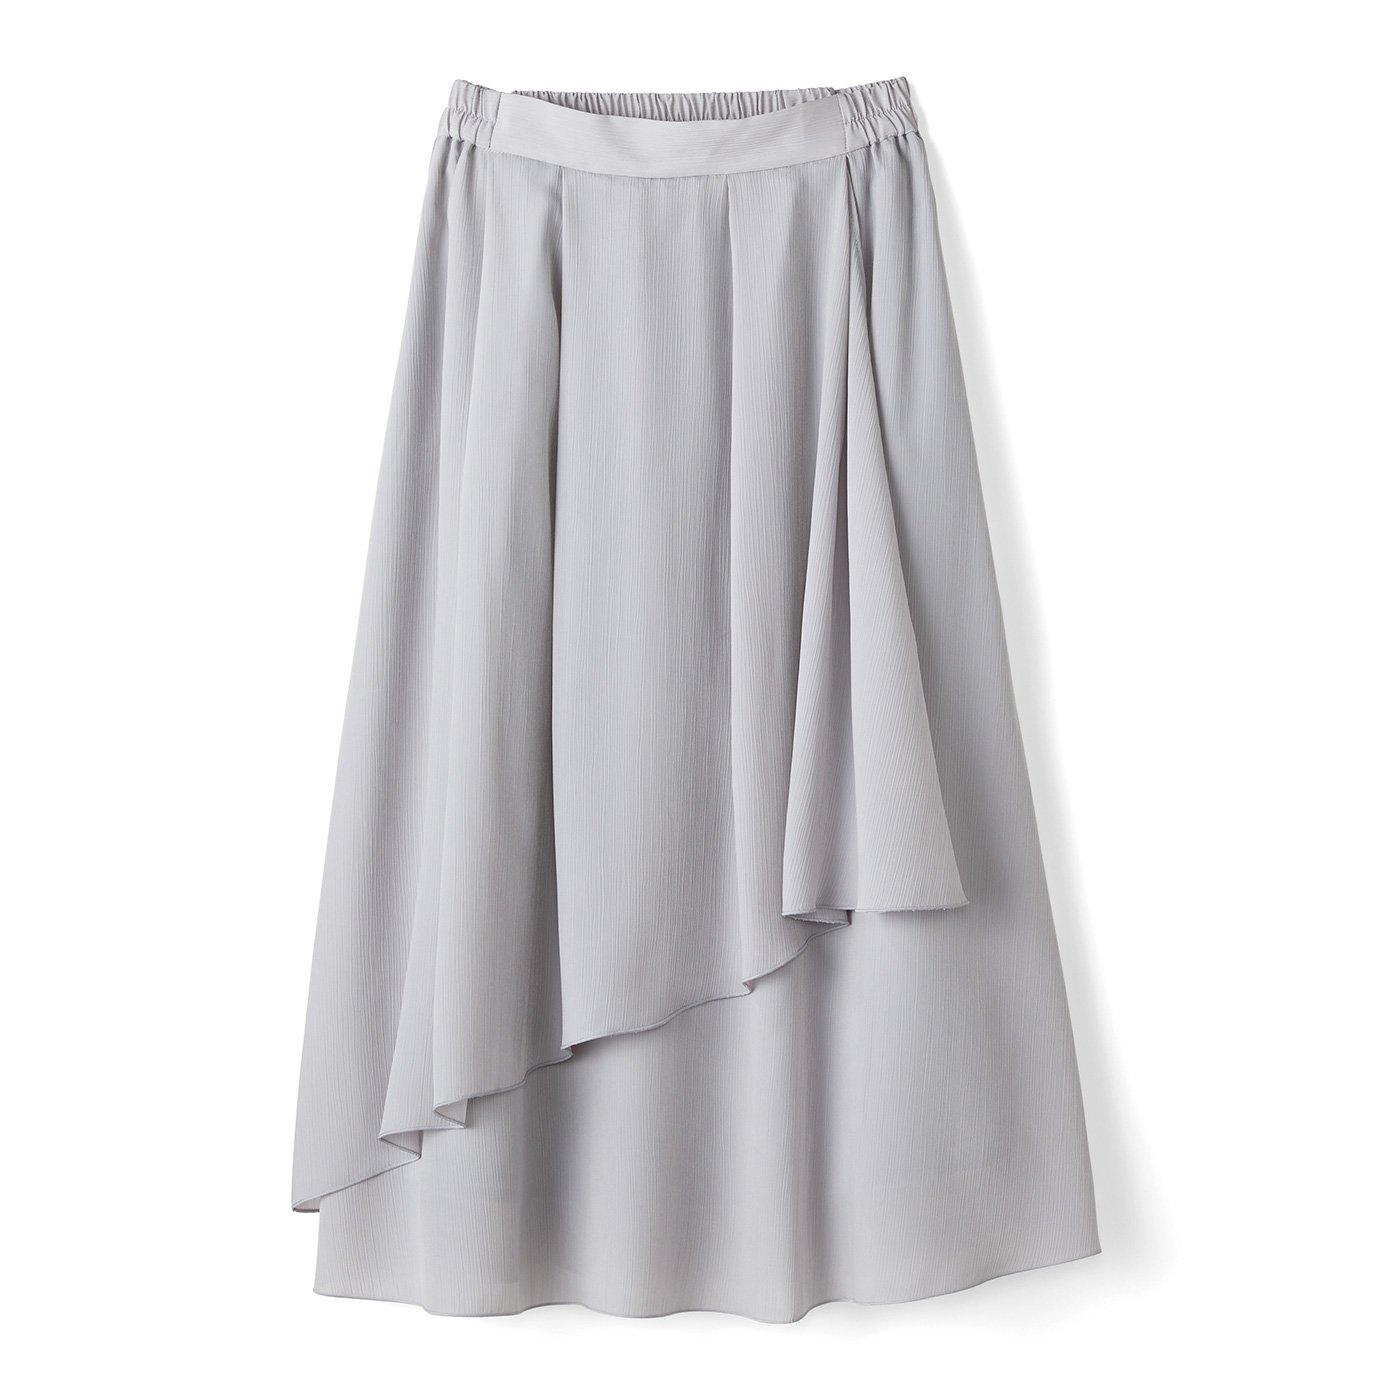 【3~10日でお届け】IEDIT[イディット] 動くたびゆらめく 花びらみたいなラップ風スカート〈アイスグレー〉